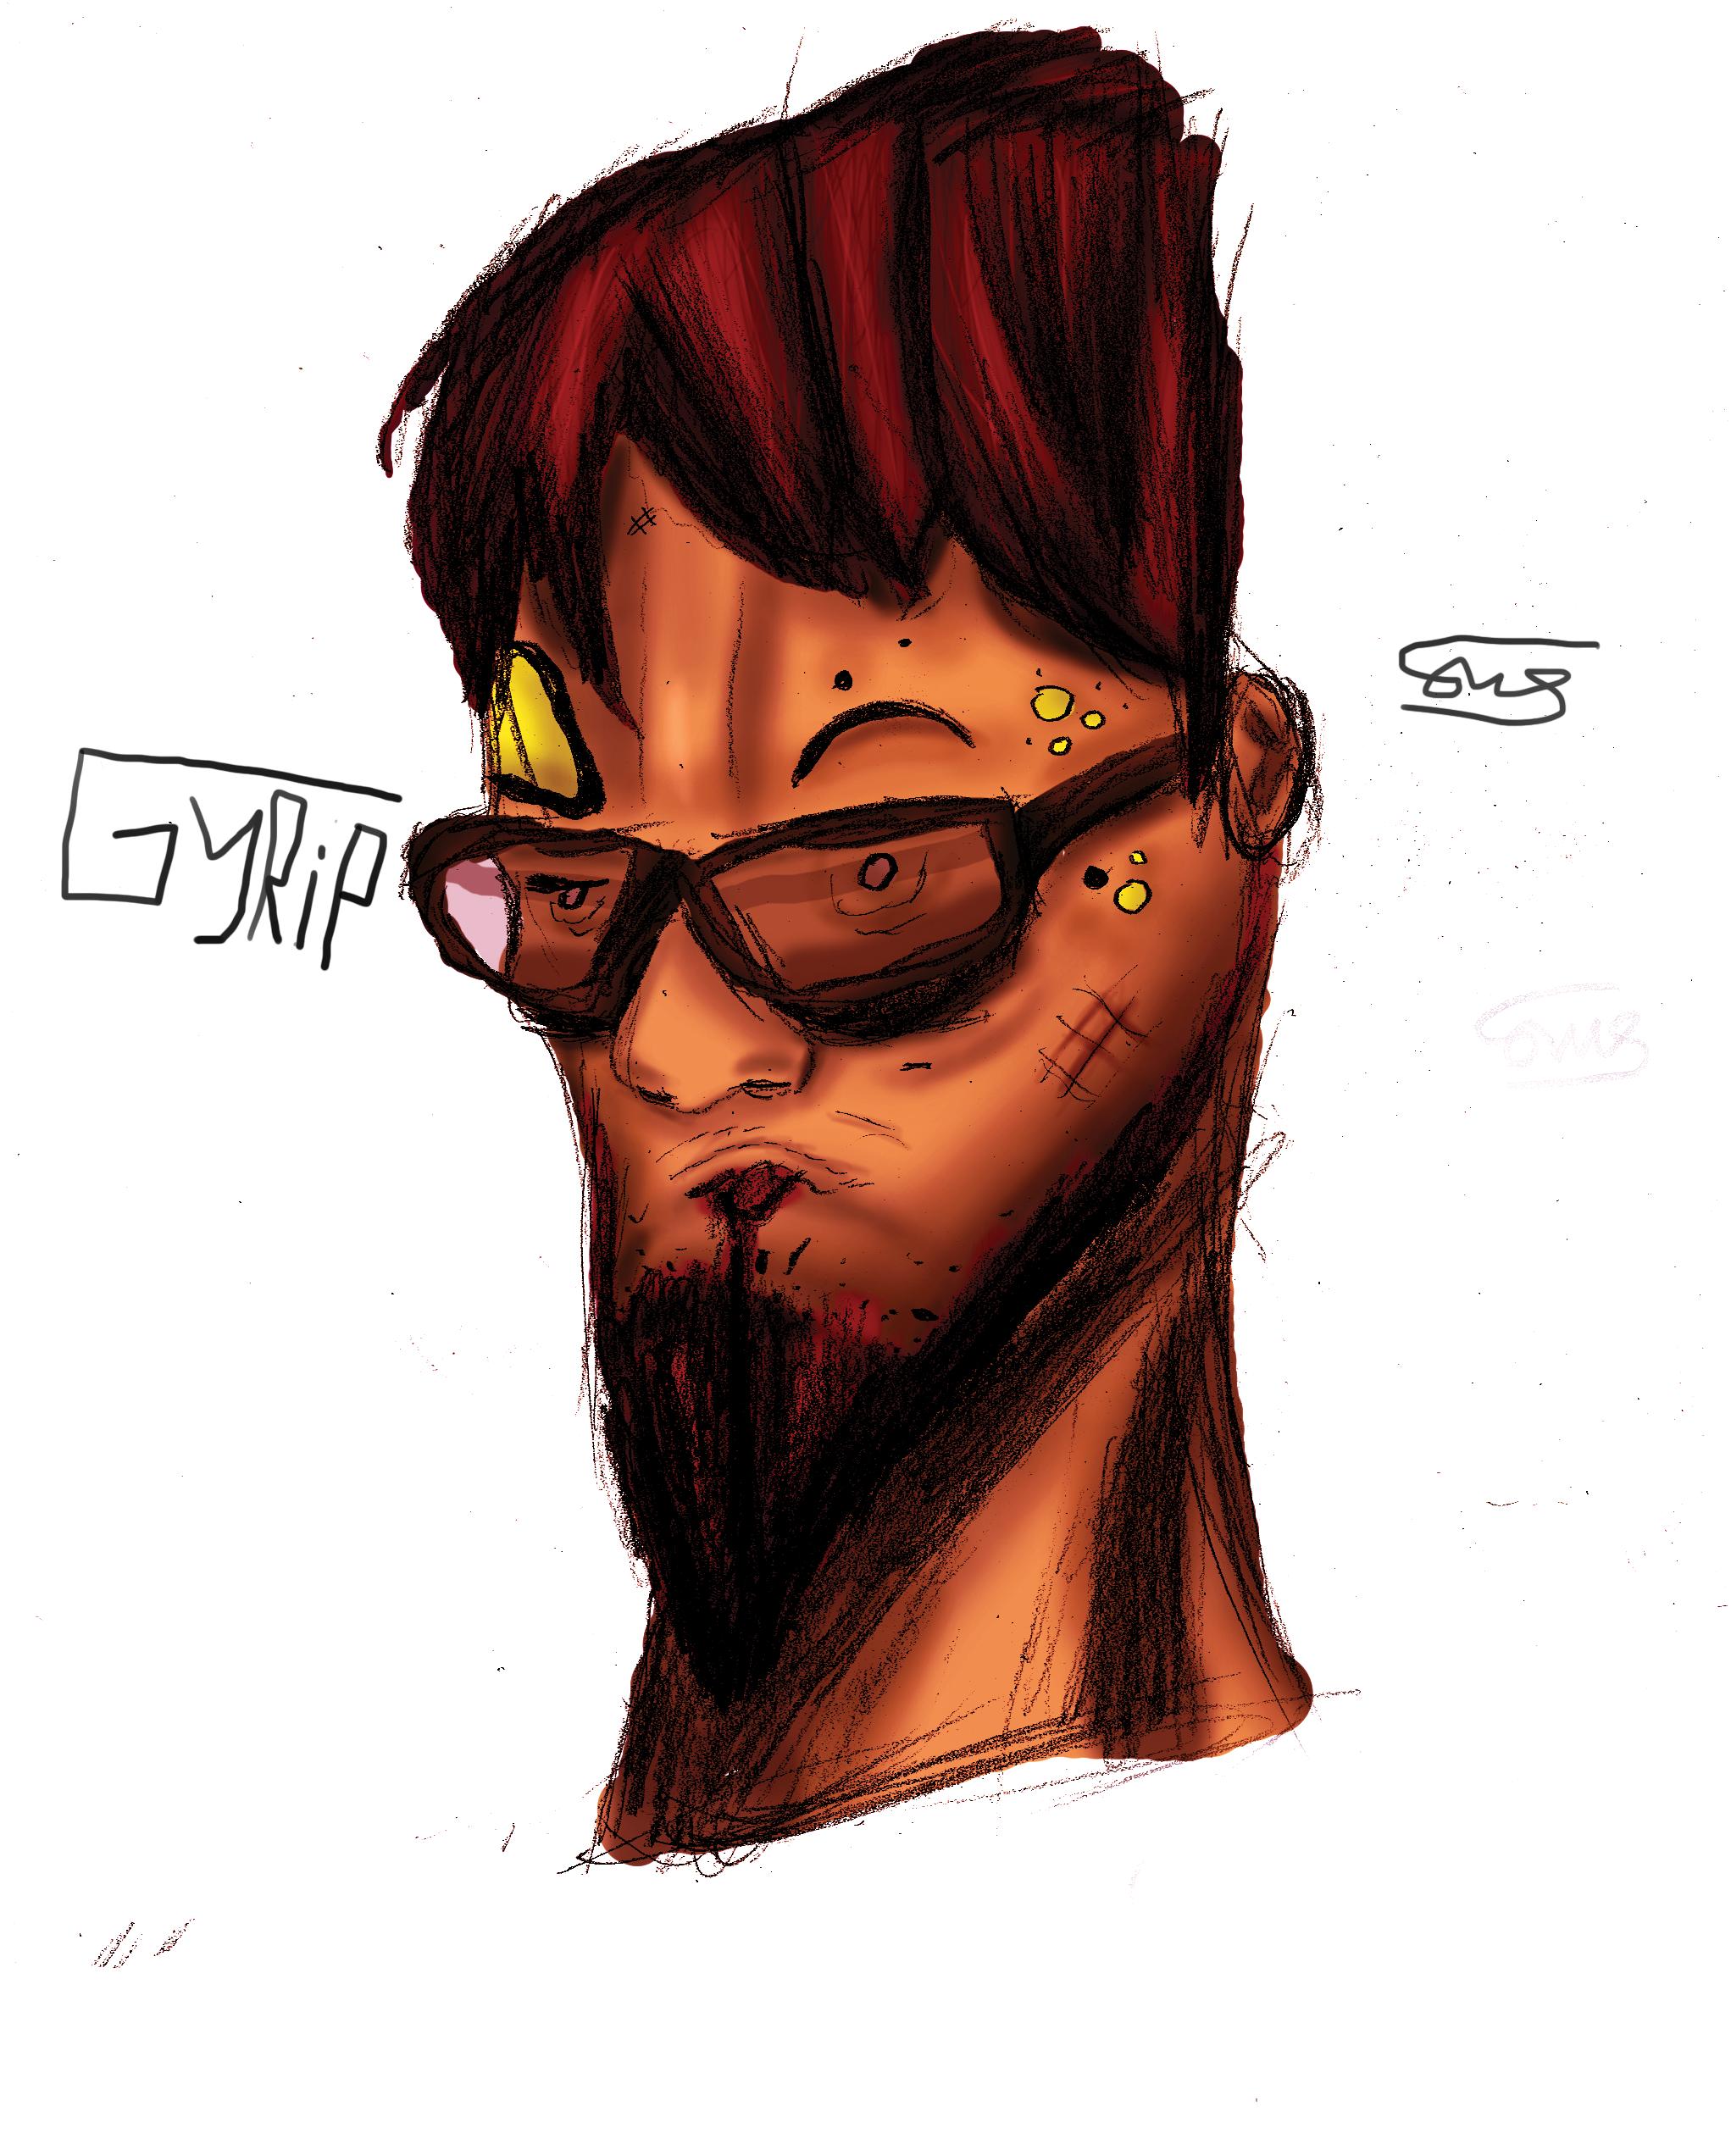 Gyrip sketch